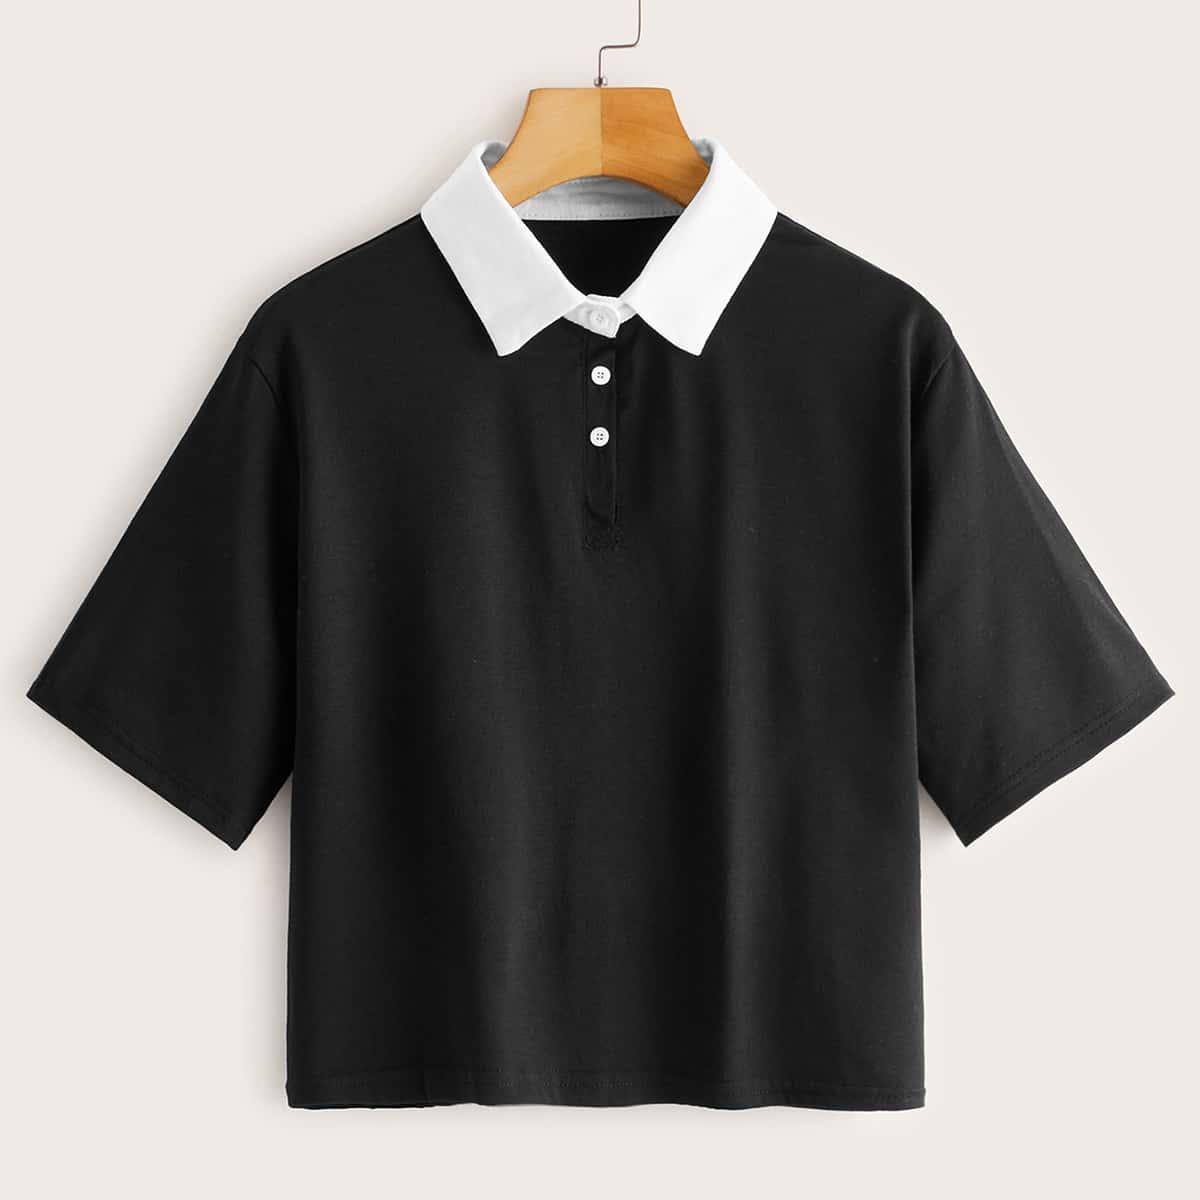 Zwart Casual Kleurblok T-shirt Contracst kraag